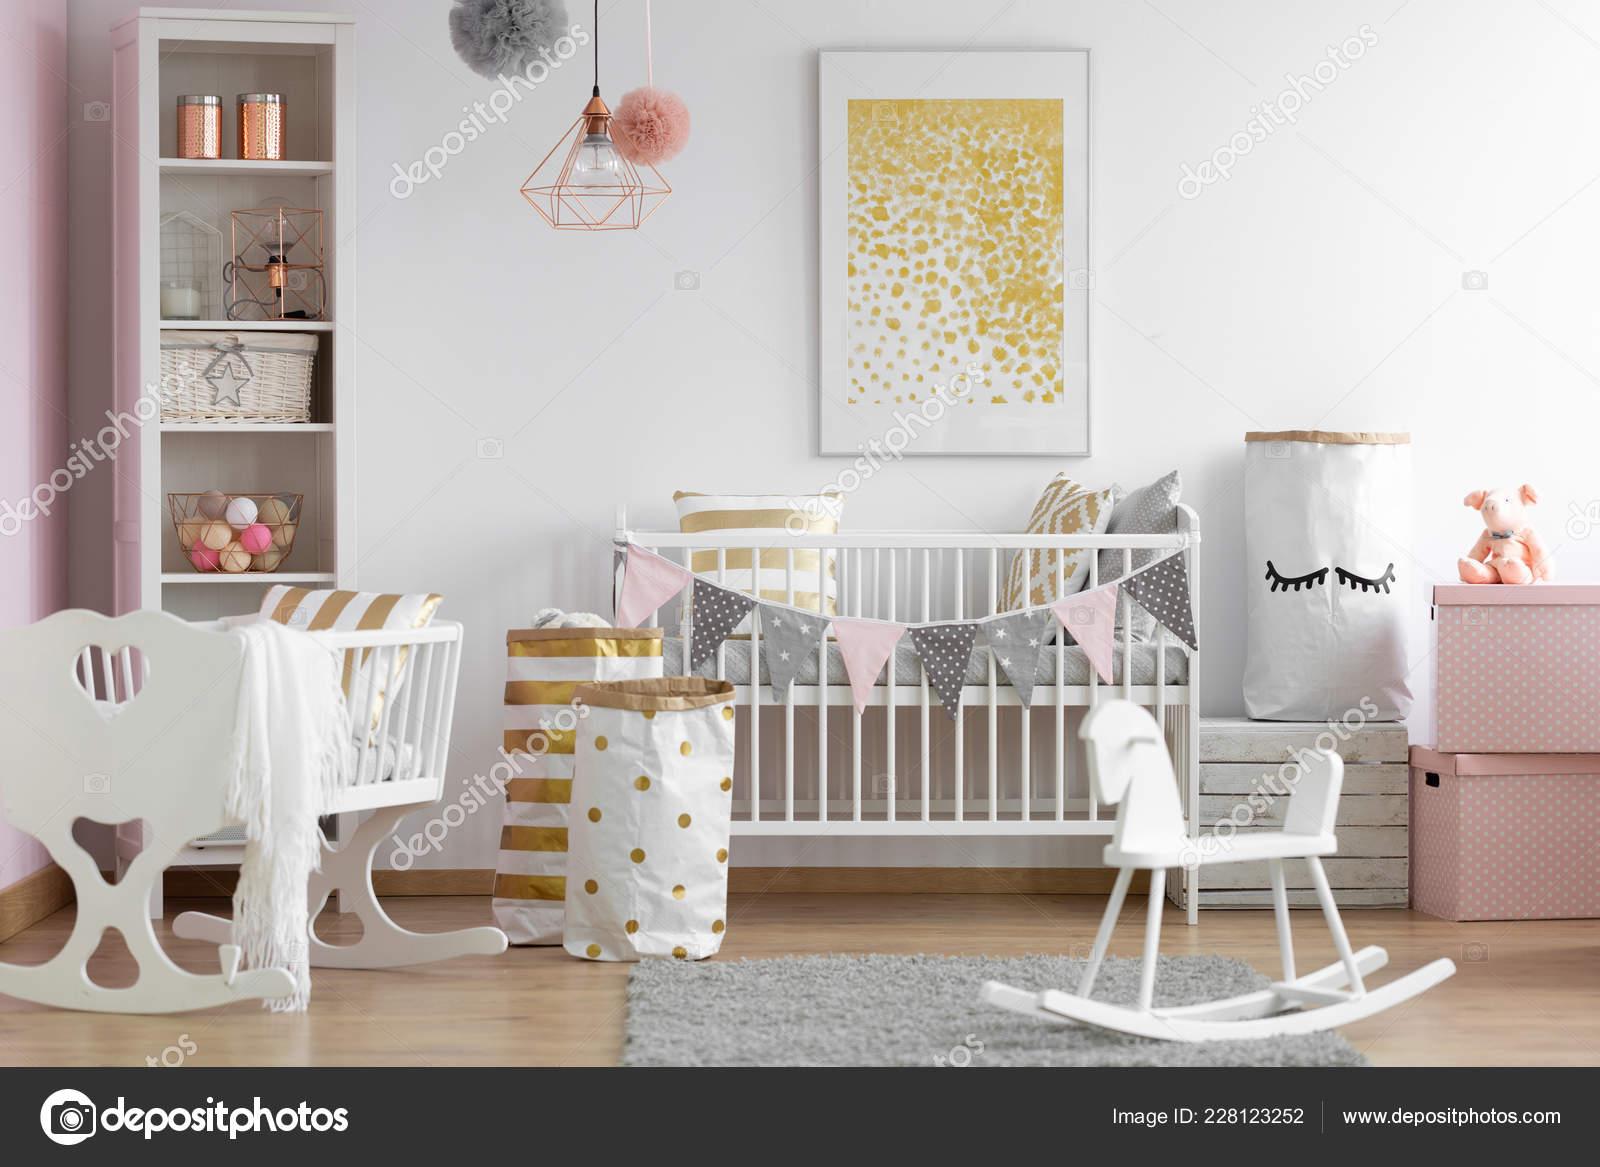 9693475f6 Caballo balancín de madera blanca, cuna y vivero en el interior de  habitación de bebé escandinavo elegante con acentos de blancos y oro, Foto  real– Imagen ...